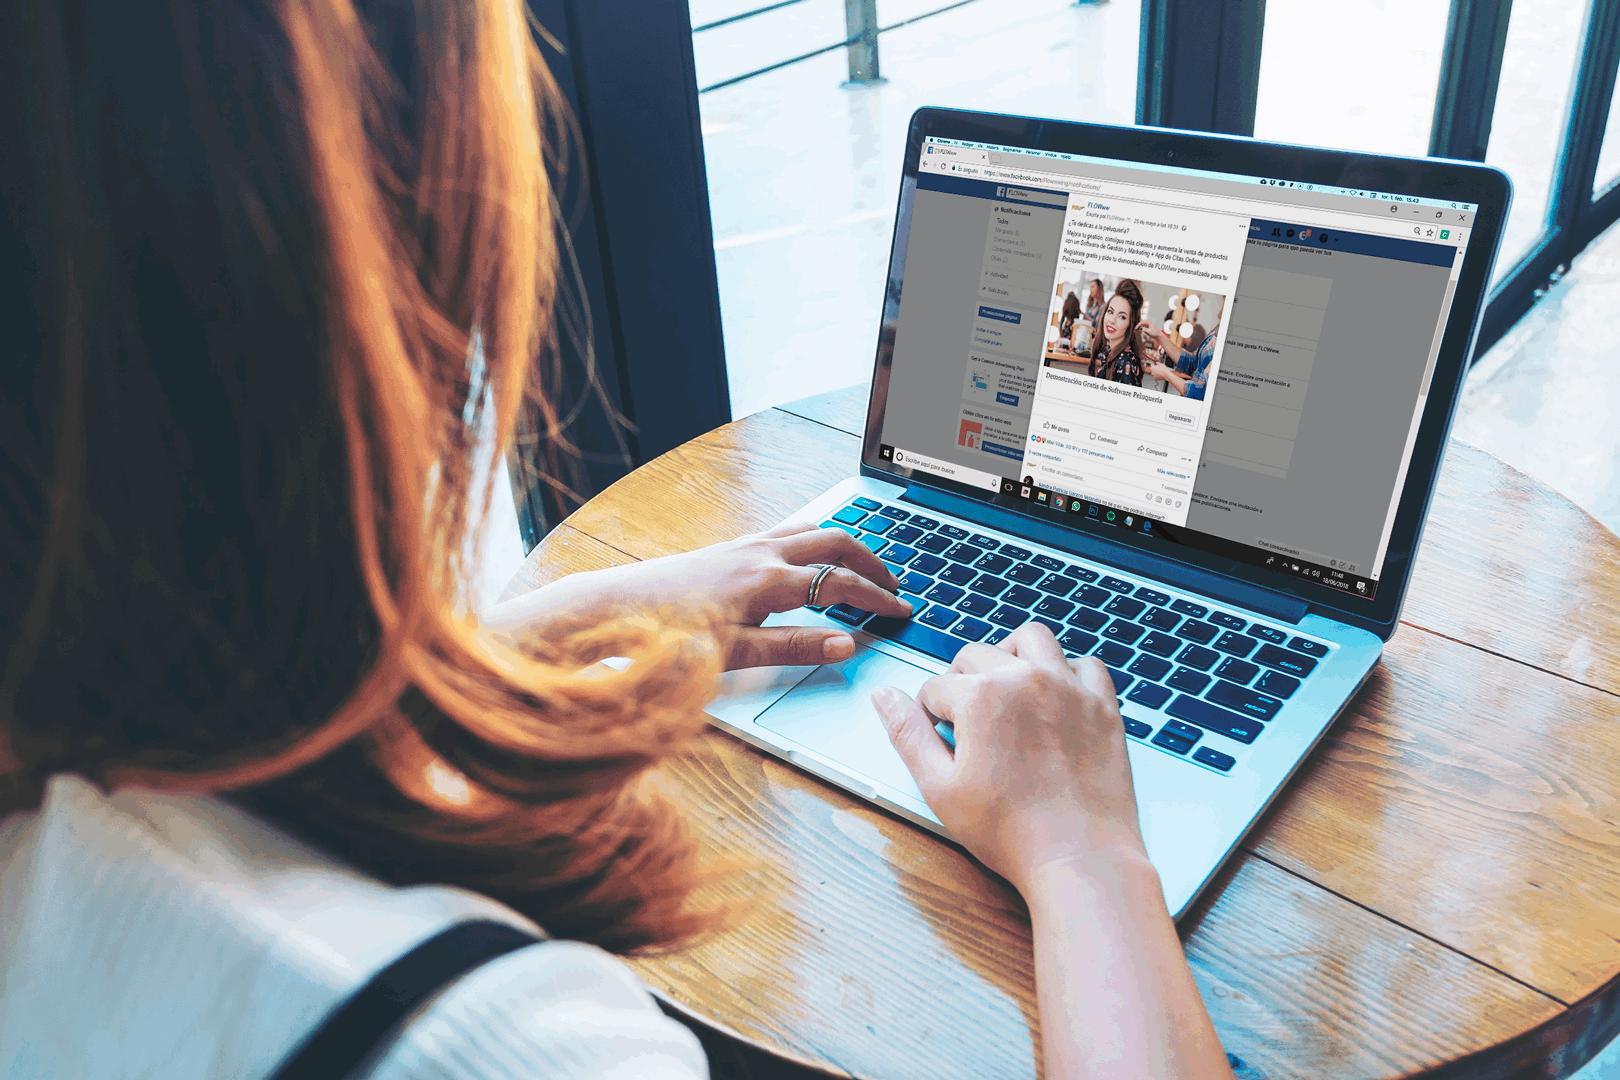 conoce-a-los-nuevos-clientes-que-conseguiste-a-traves-de-tus-campanas-de-facebook-con-flowww